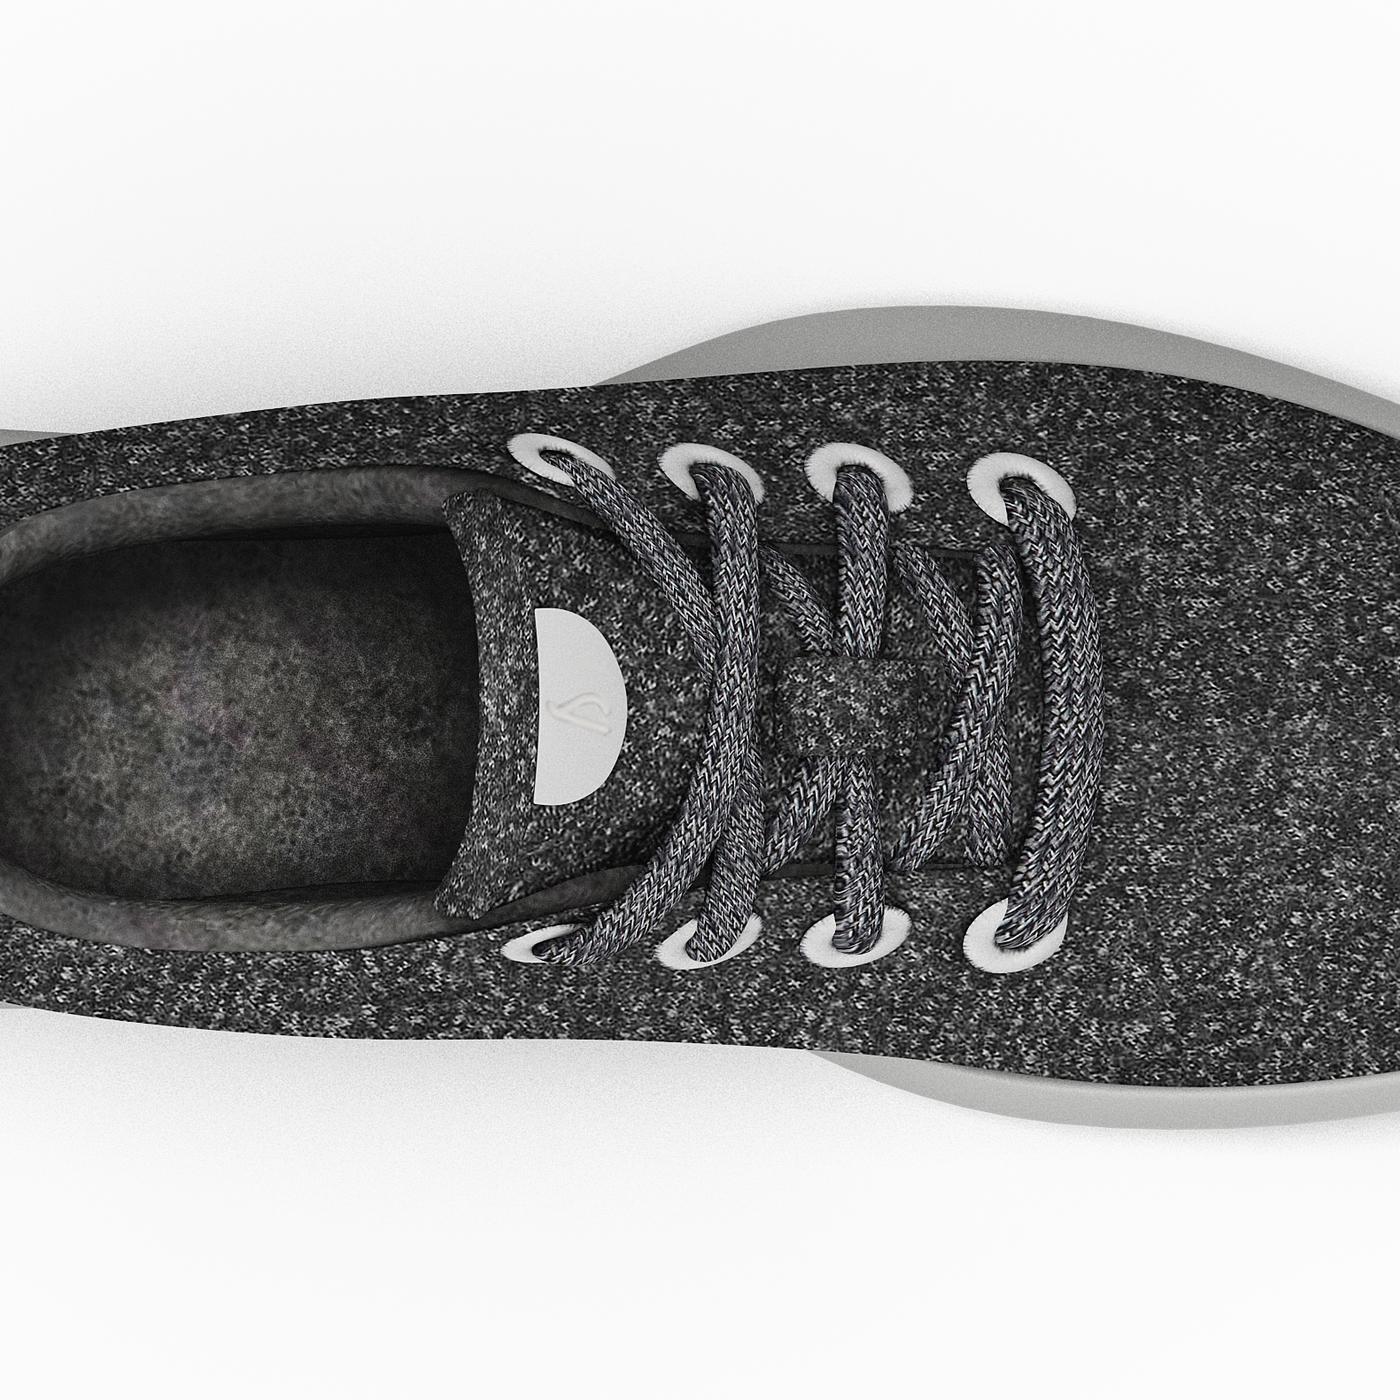 shoe 3d modeling